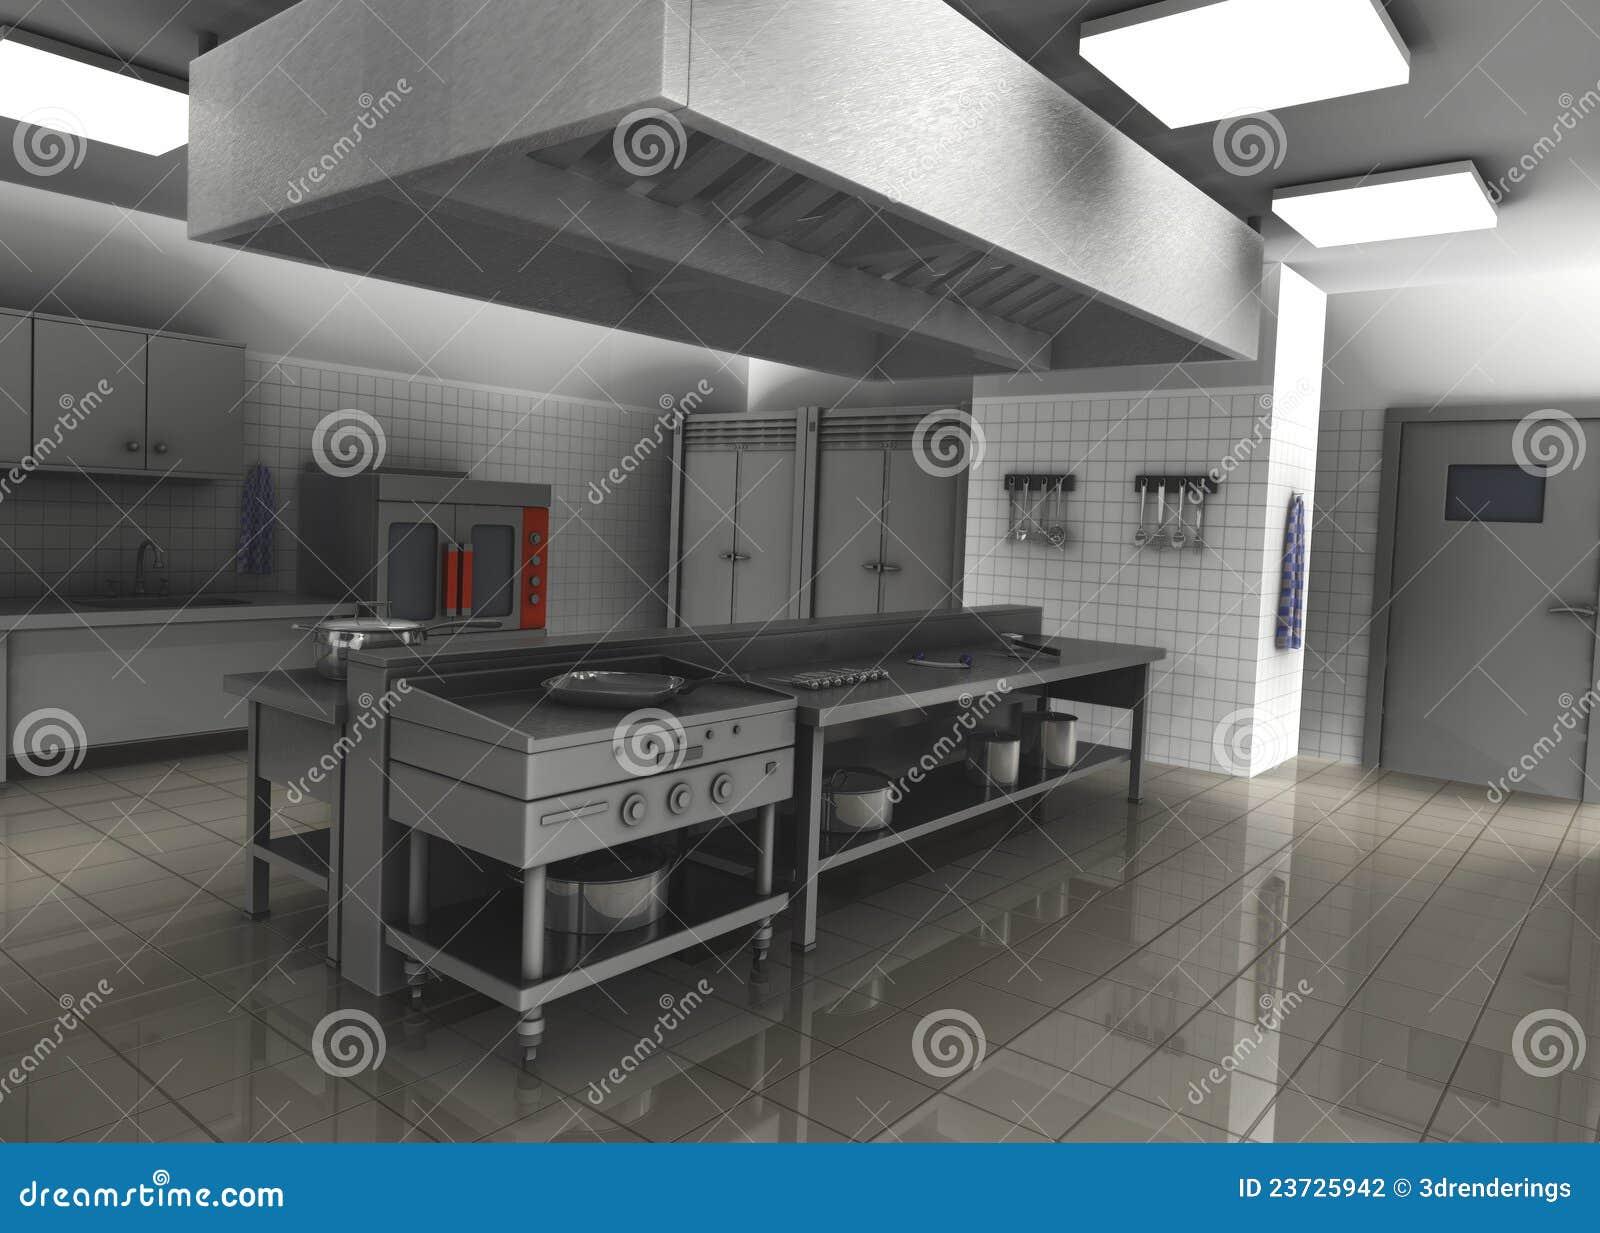 3d rendent de la cuisine professionnelle de restaurant for Plan cuisine professionnelle 3d